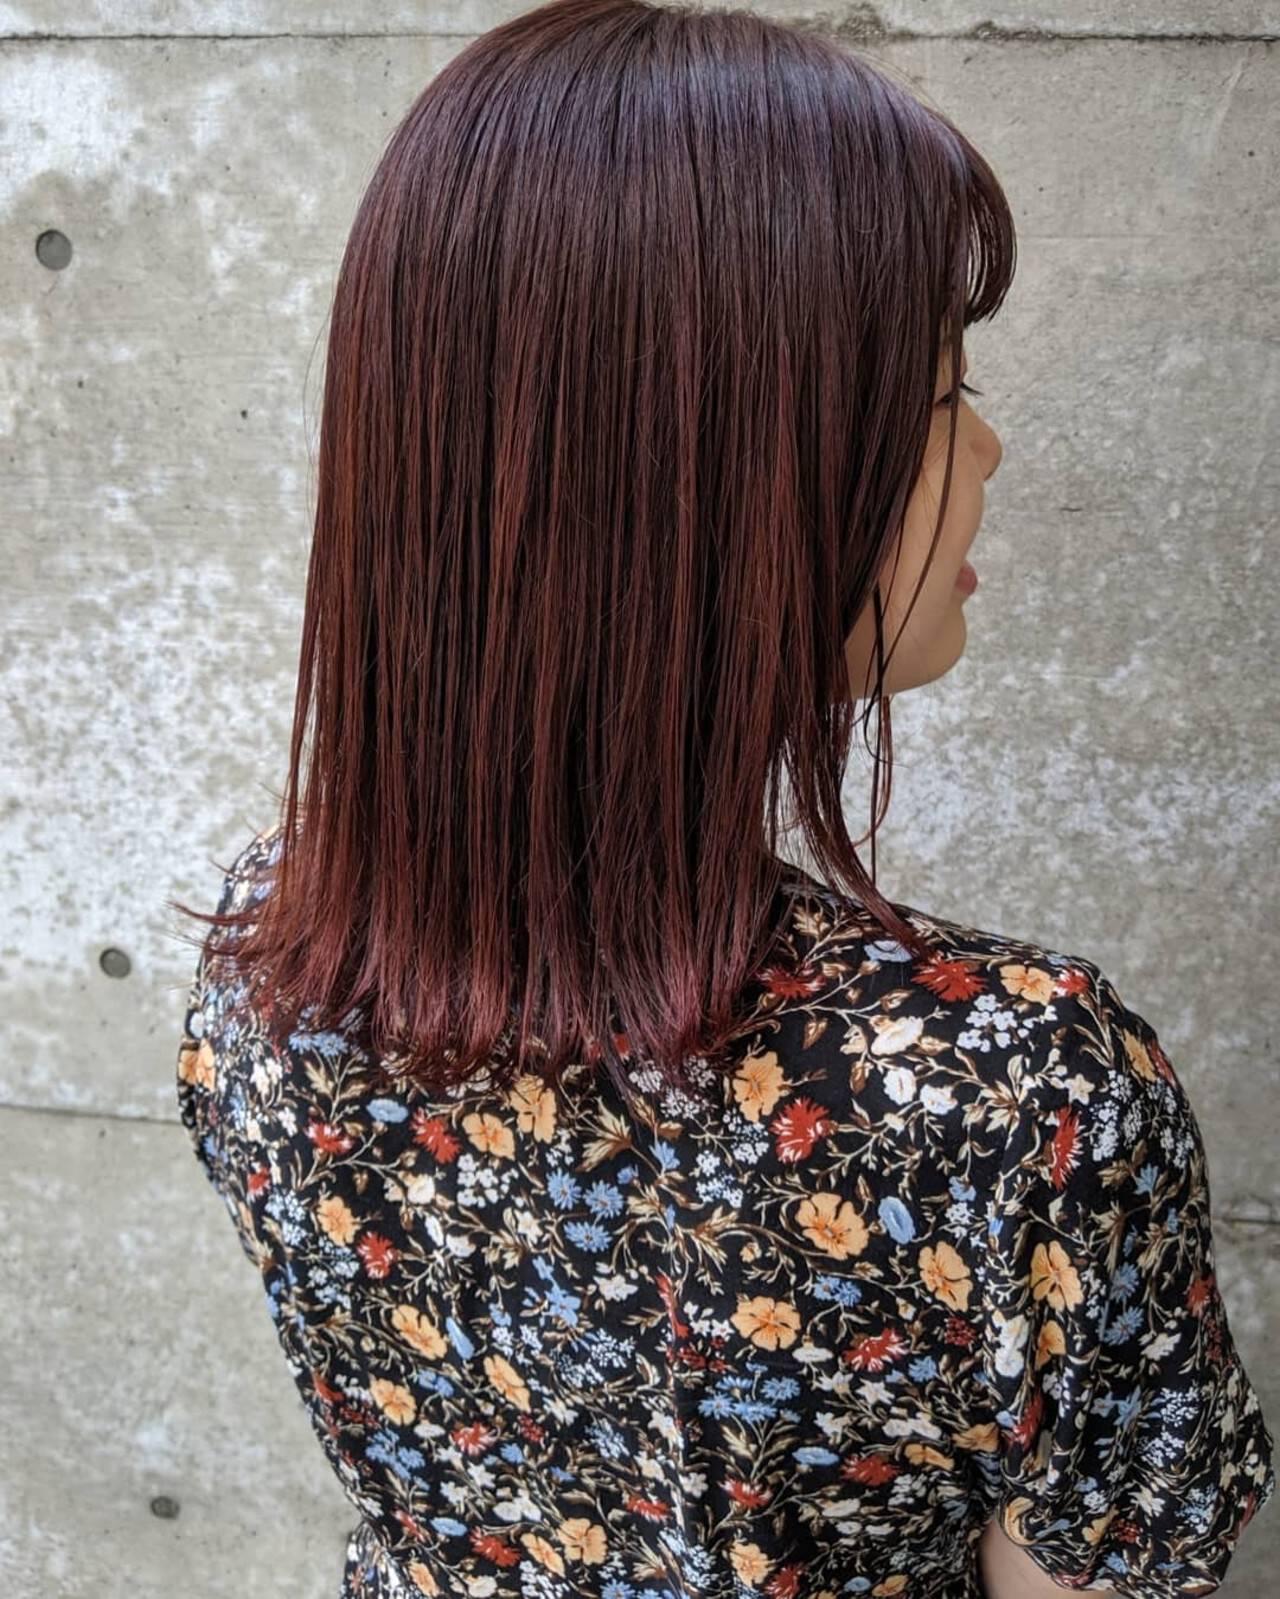 赤茶 ストレート ナチュラル チェリーピンクヘアスタイルや髪型の写真・画像